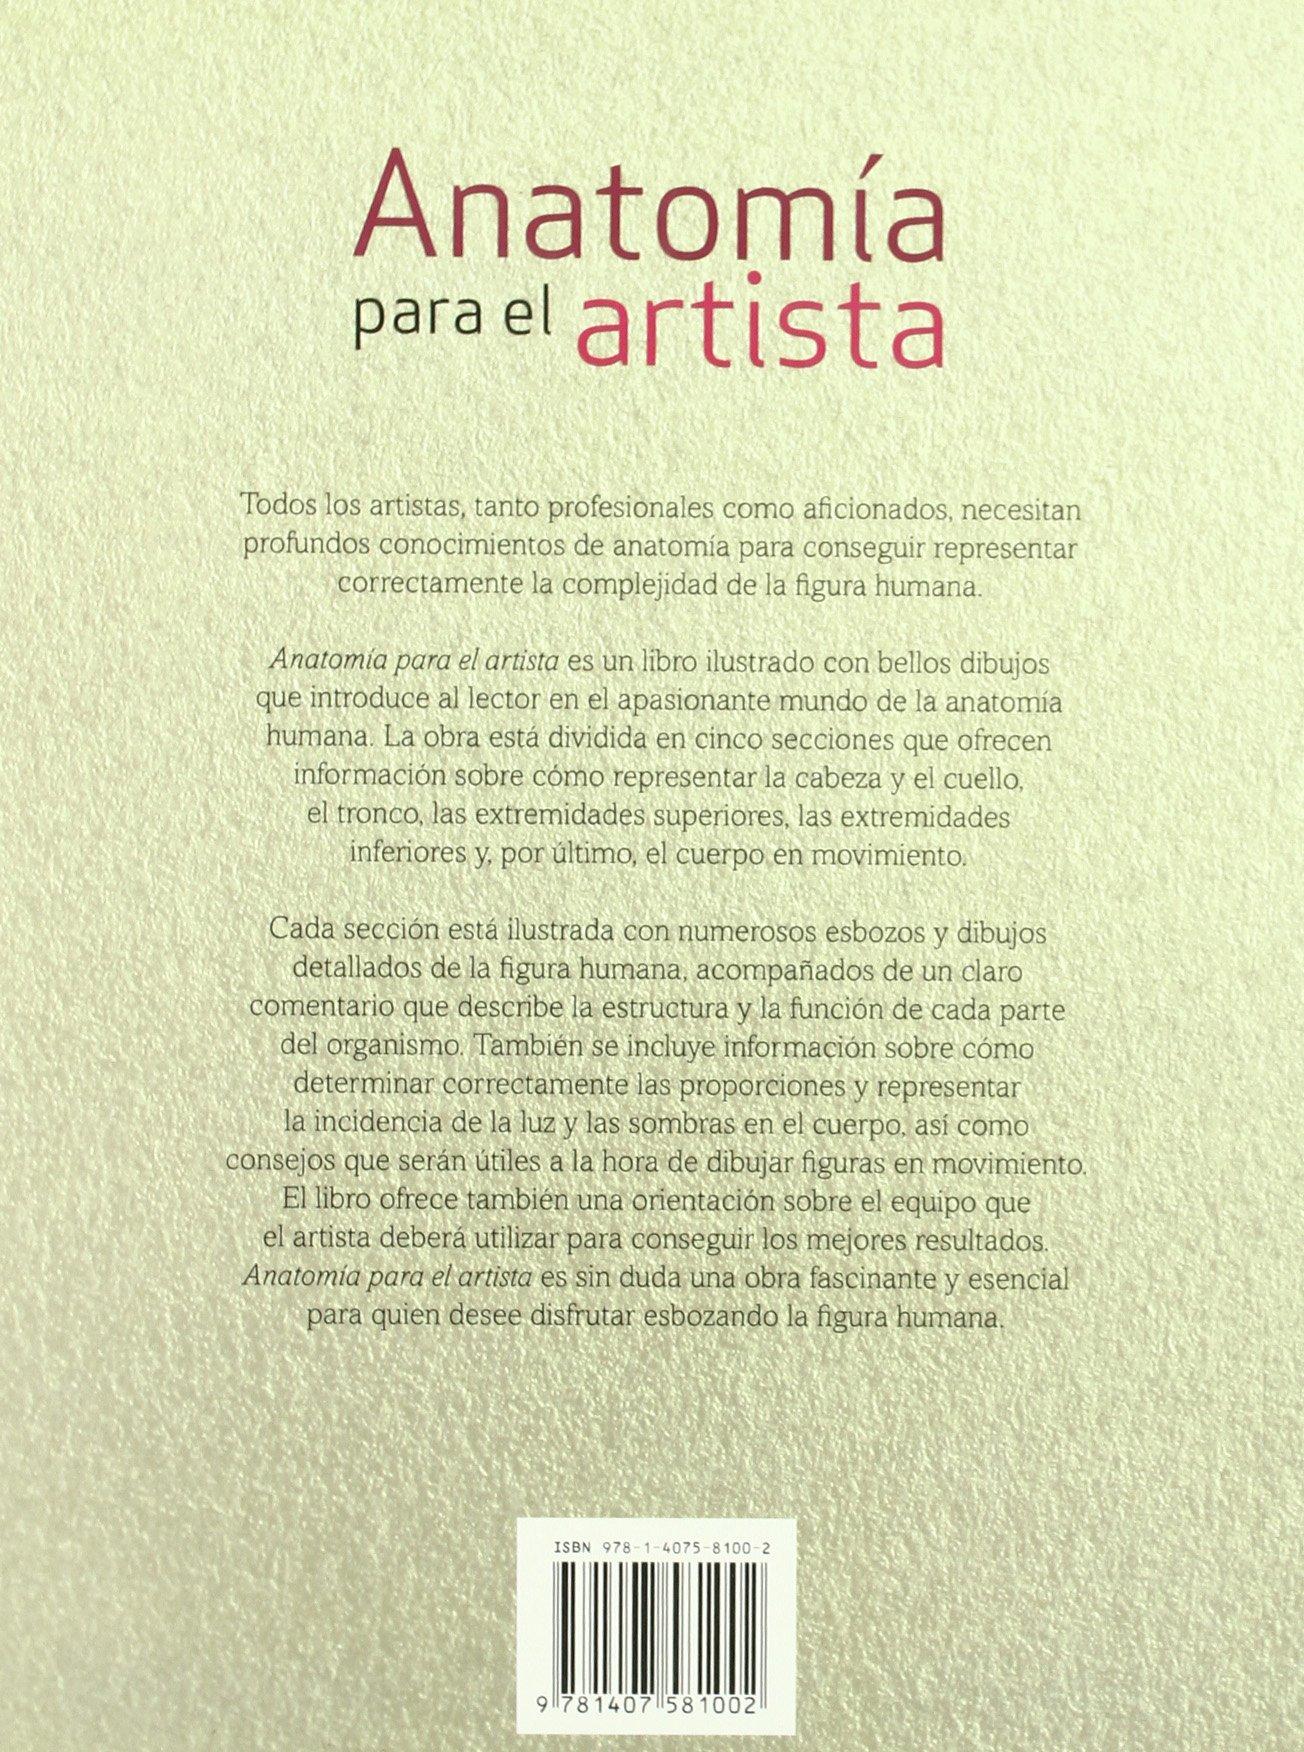 Anatomia Para El Artista. Guia Exhaustiva Dibujo Cuerpo Huma: Amazon ...